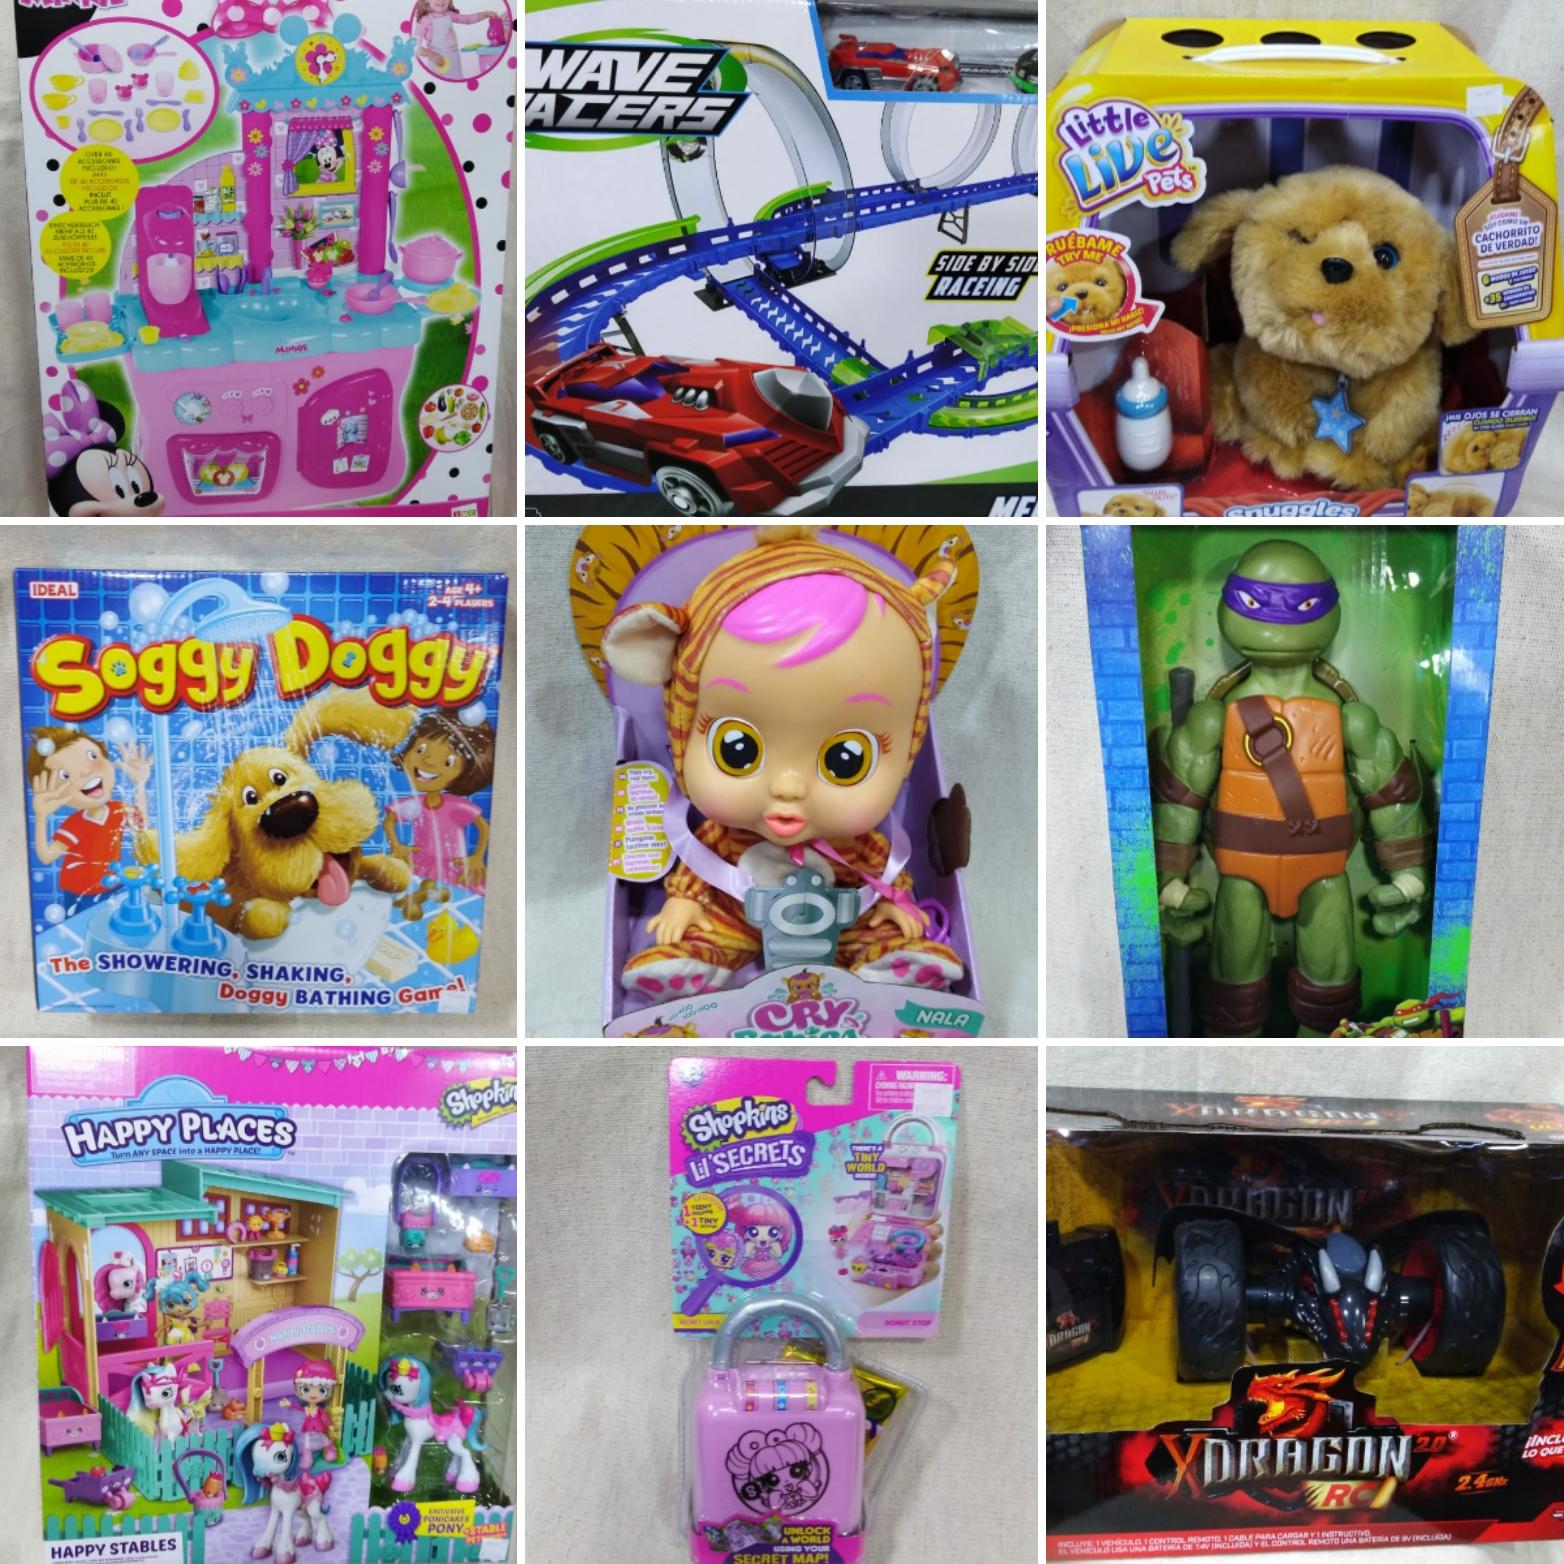 jugueteria-juguetes-milcositas-manizales- (6)